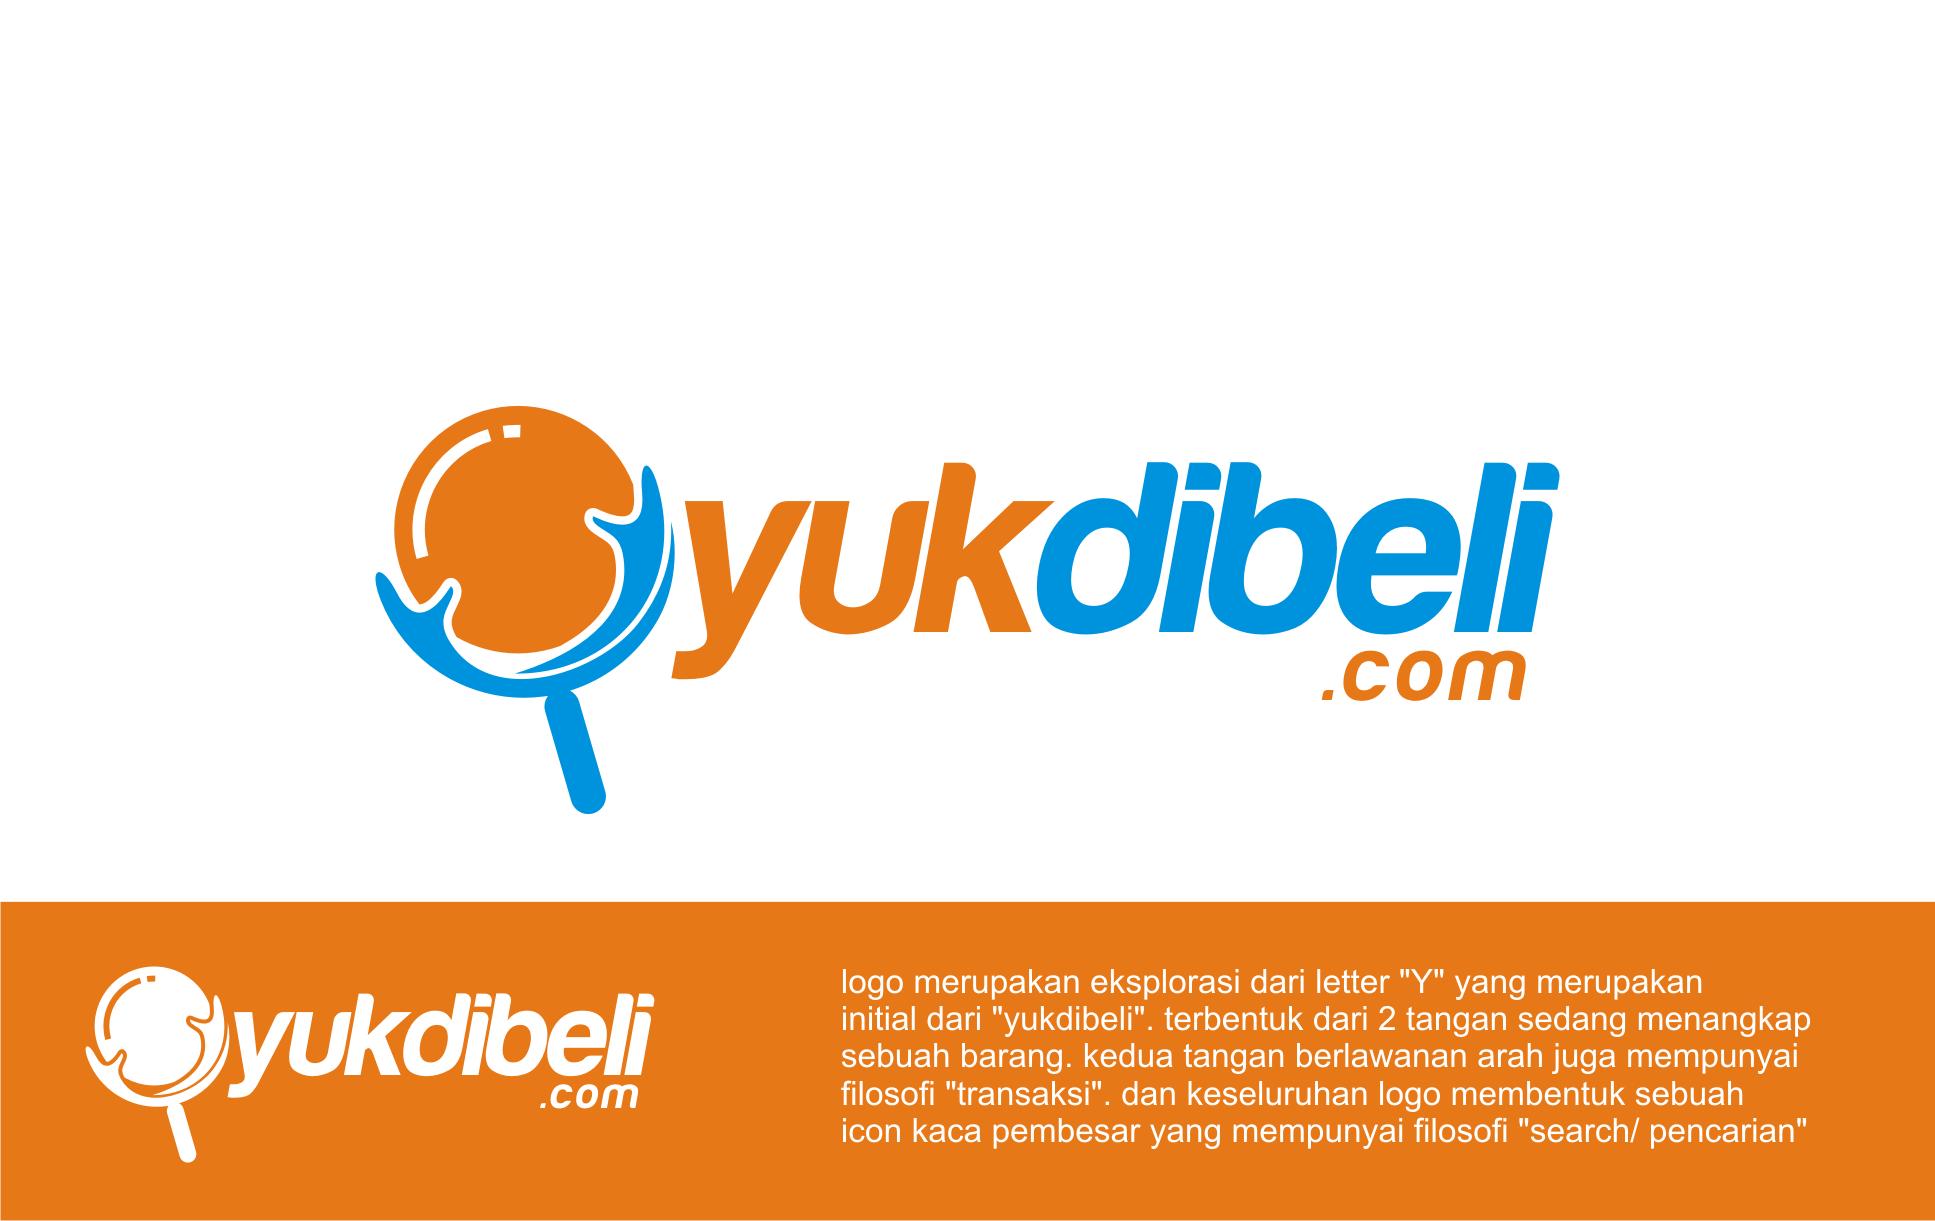 Logo Toko Online Yuk di Beli by Desain logo